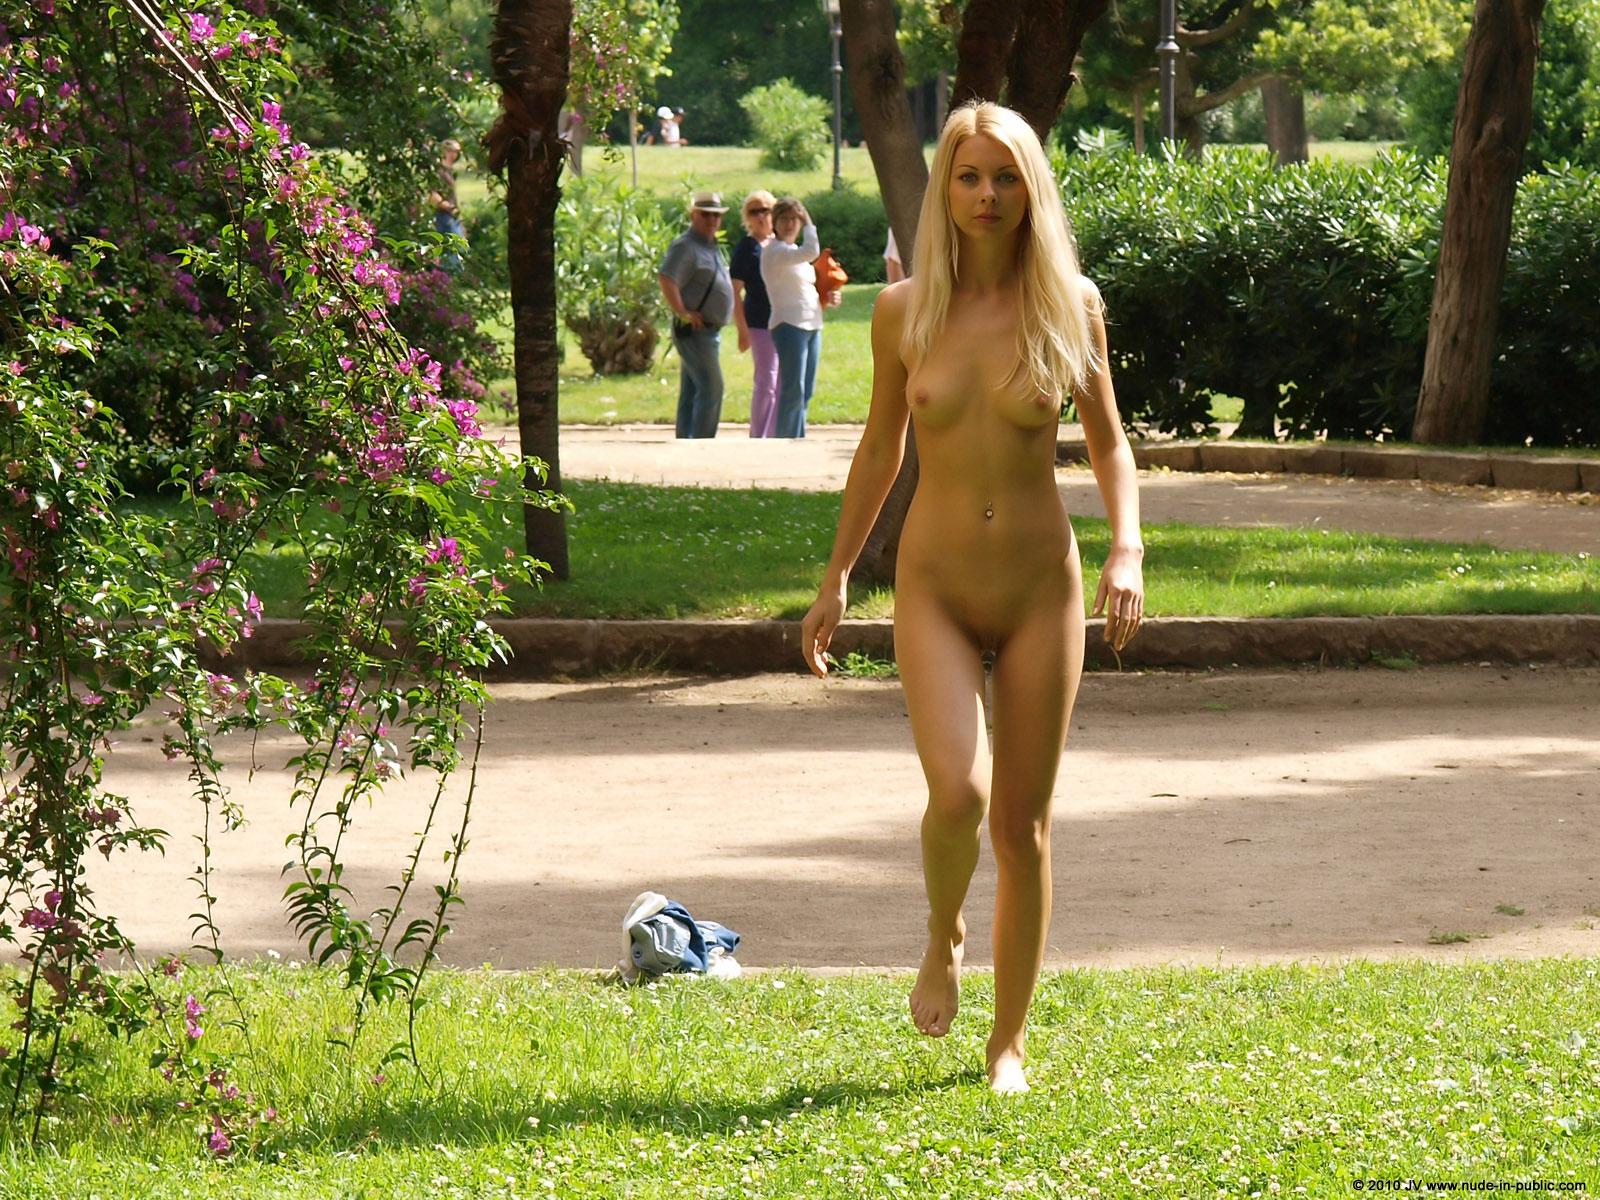 judita-blonde-naked-in-park-barcelona-public-11